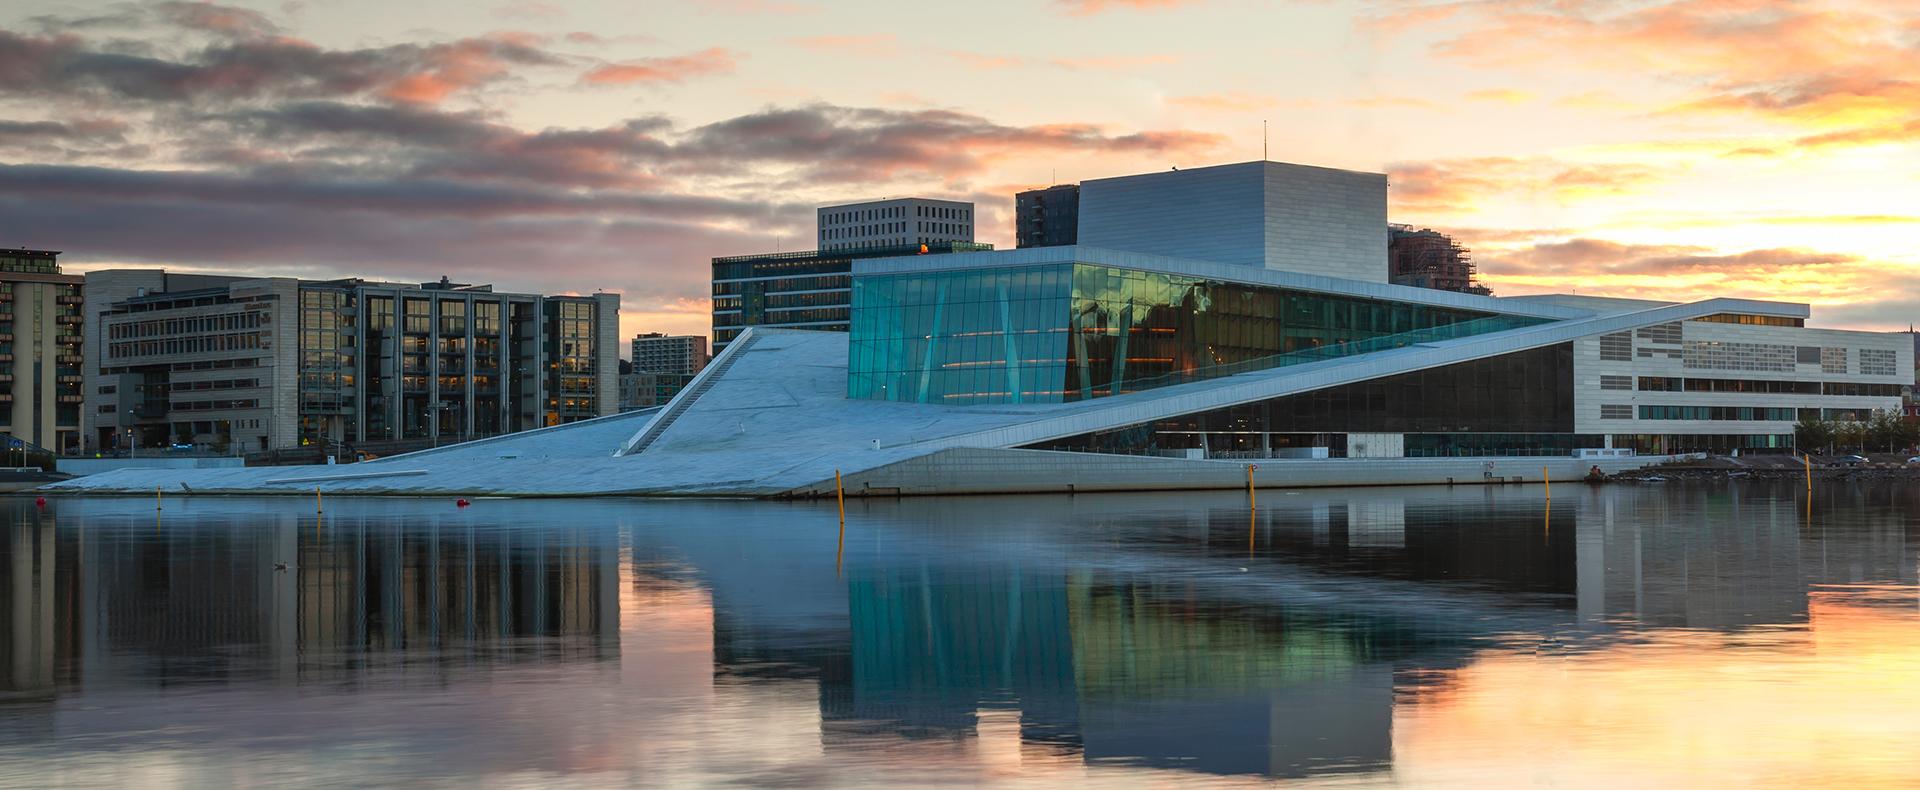 Scandinavia, Norway, Oslo